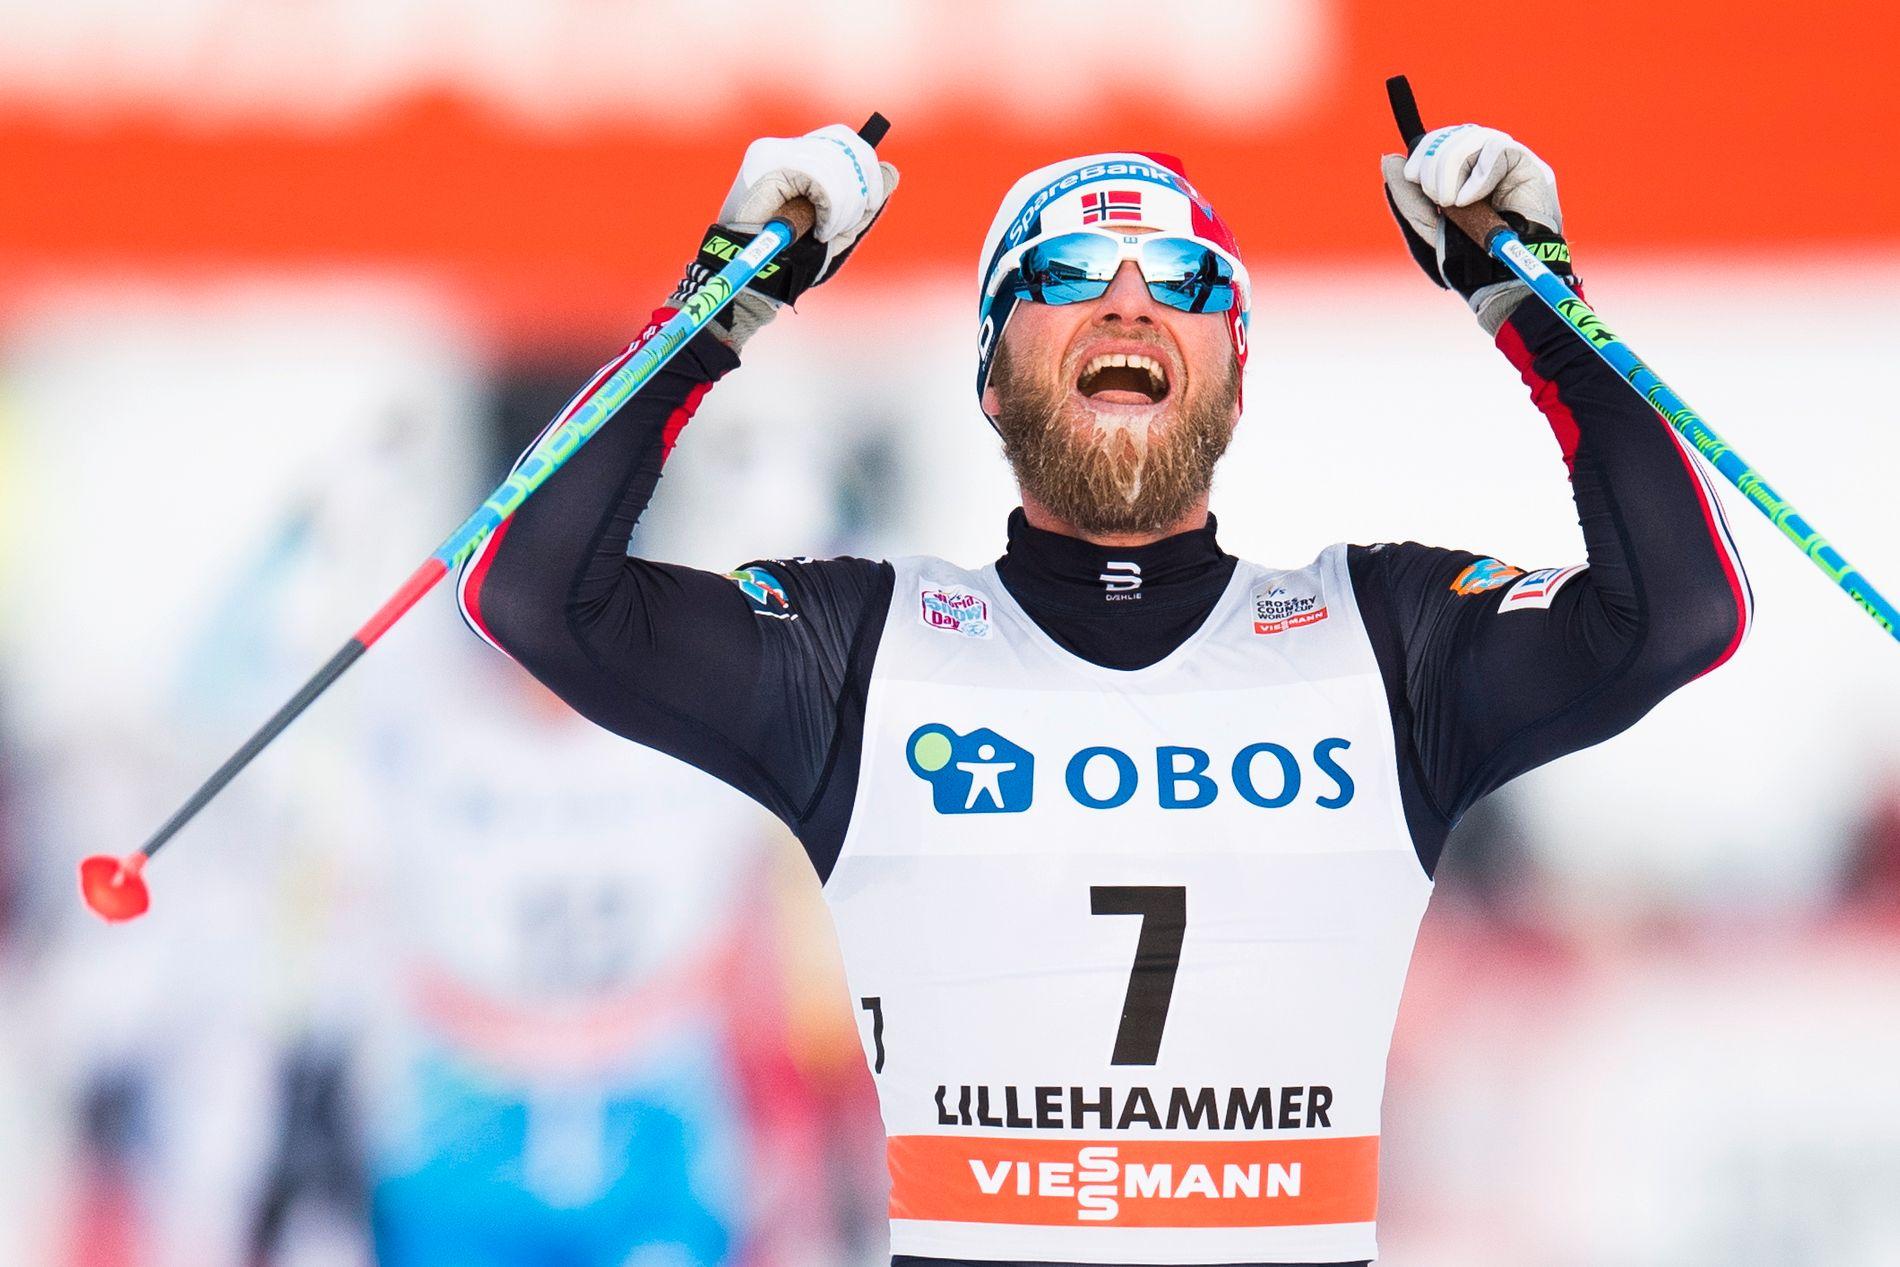 TRIUMFATOR: Martin Johnsrud Sundby knuste alle i det siste bratte partiet på 15-kilometeren, og gikk inn til seier i Lillehammer-minitouren.